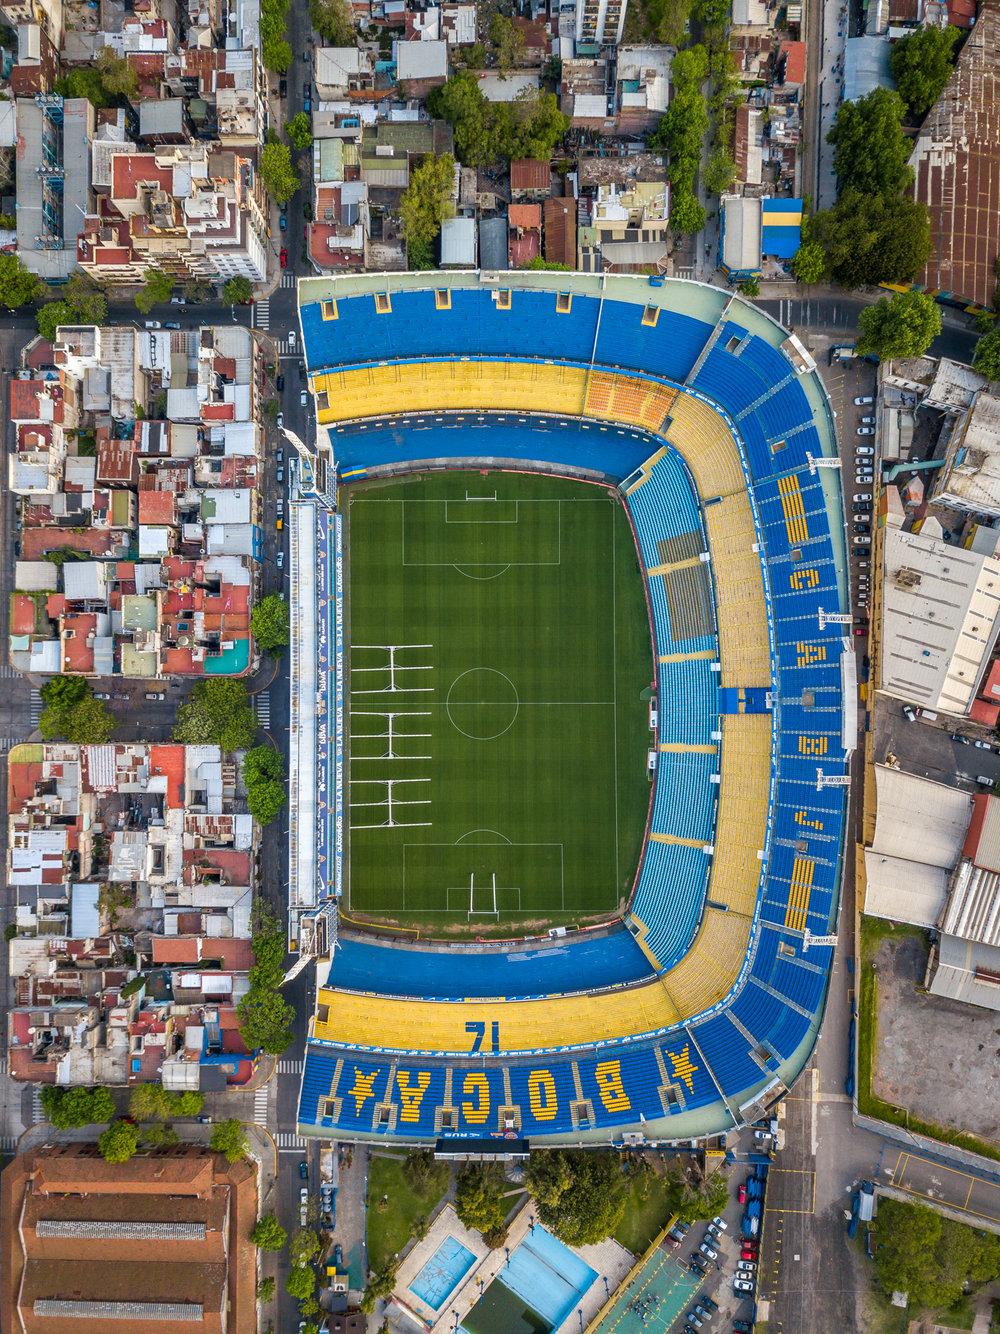 Boca Juniors - Buenos Aires, Argentina